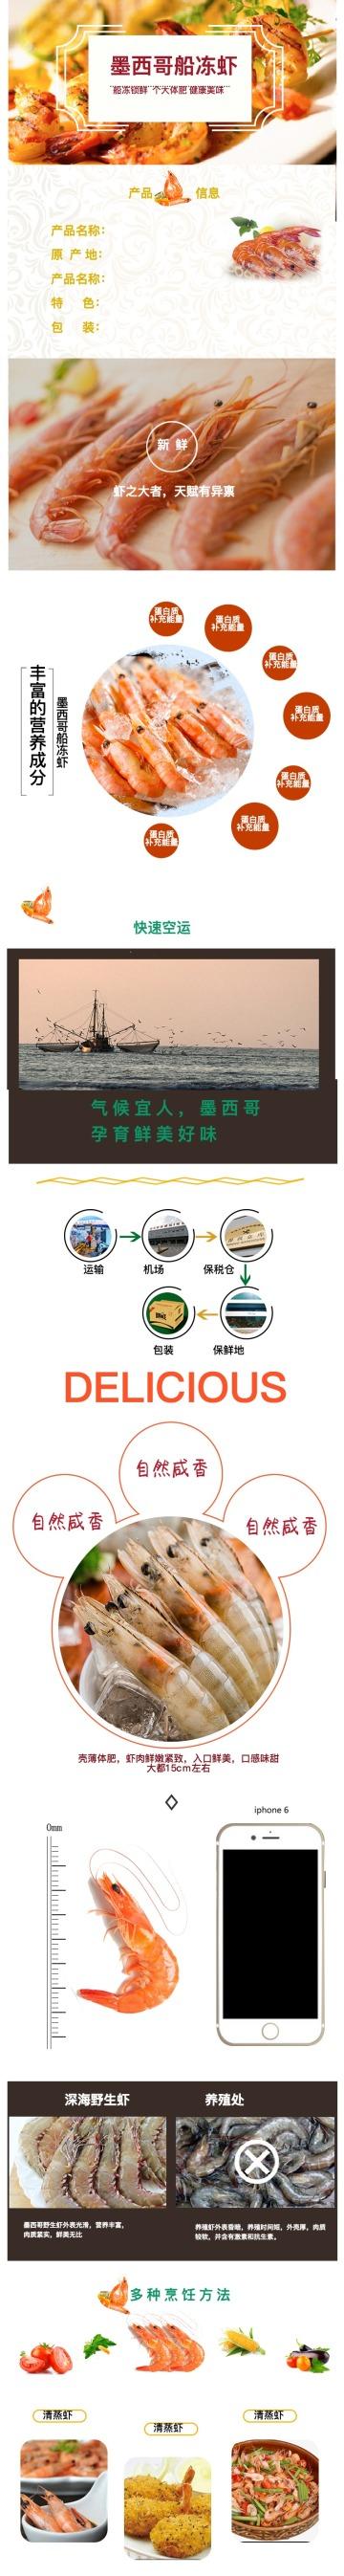 清新简约冻虾海鲜电商详情图